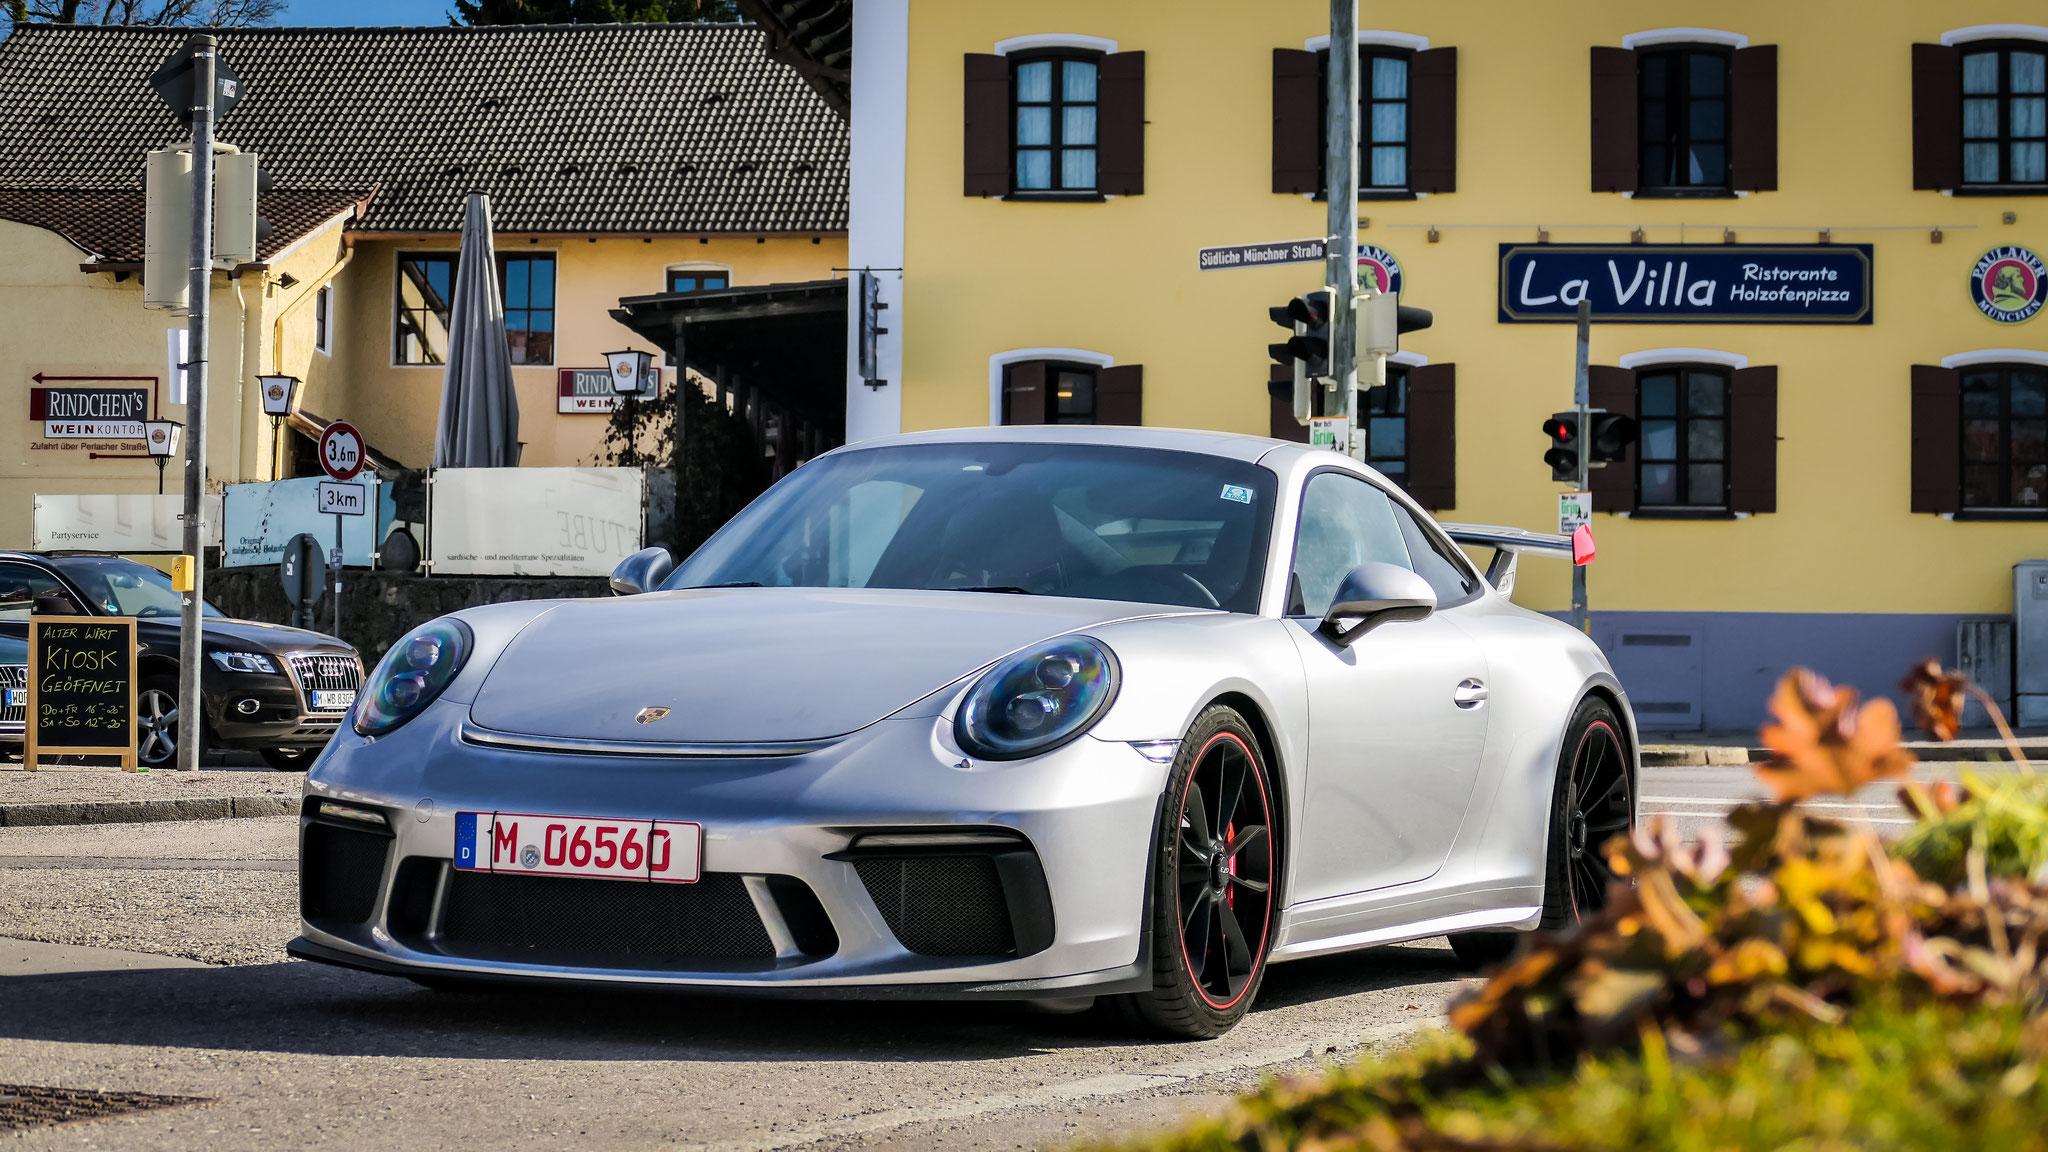 Porsche 991 GT3 - M-06560